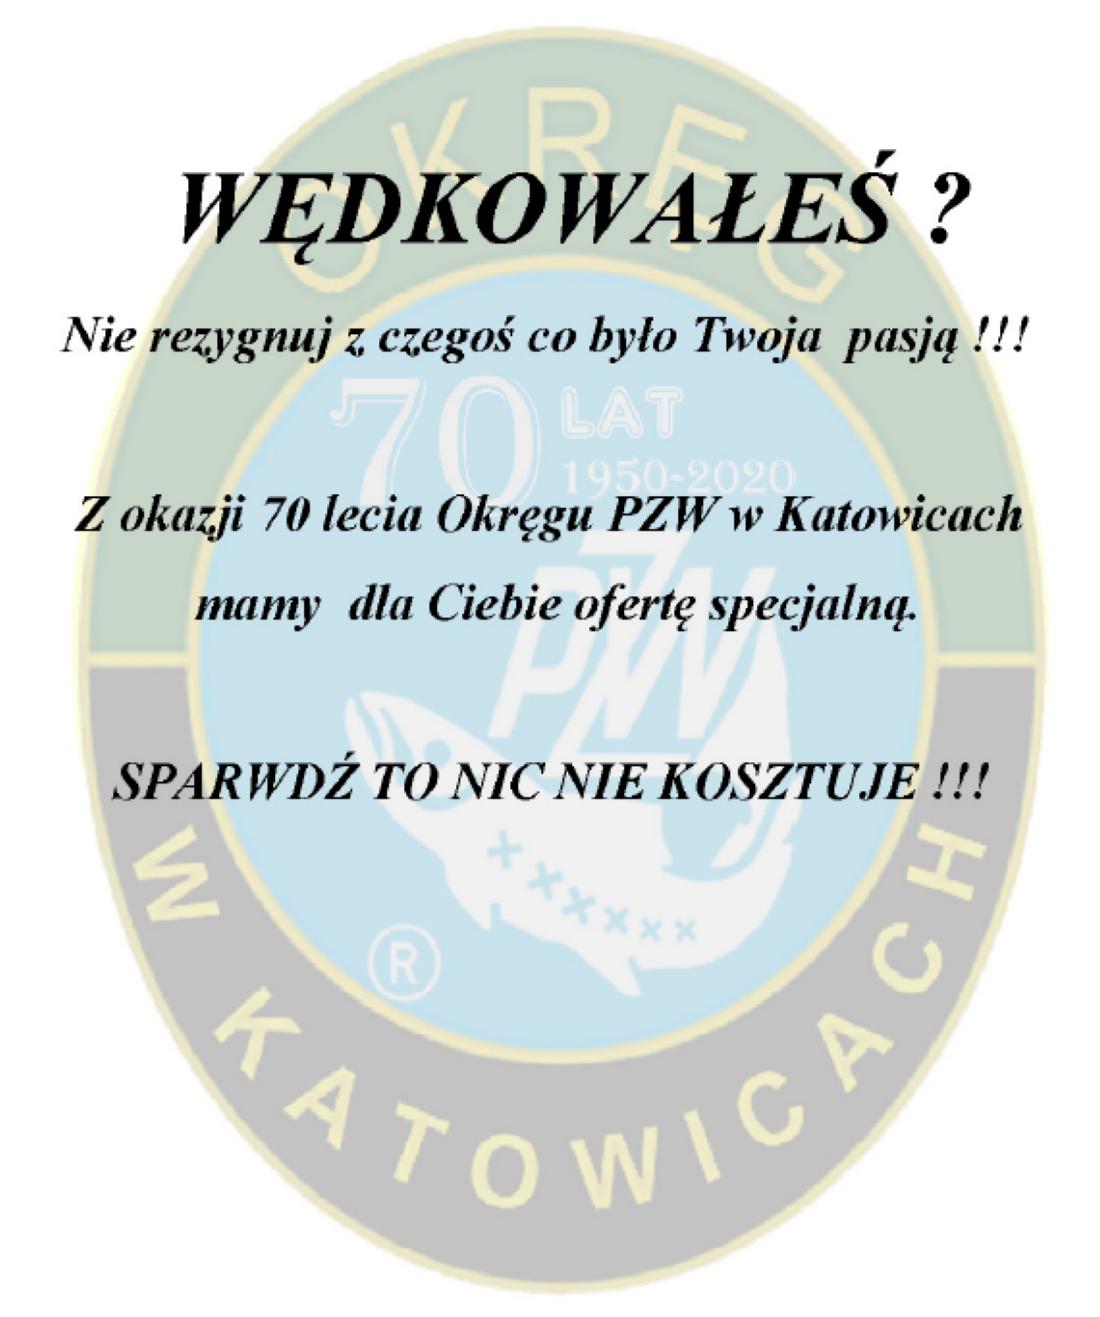 rezerwacja_lowisk.gif